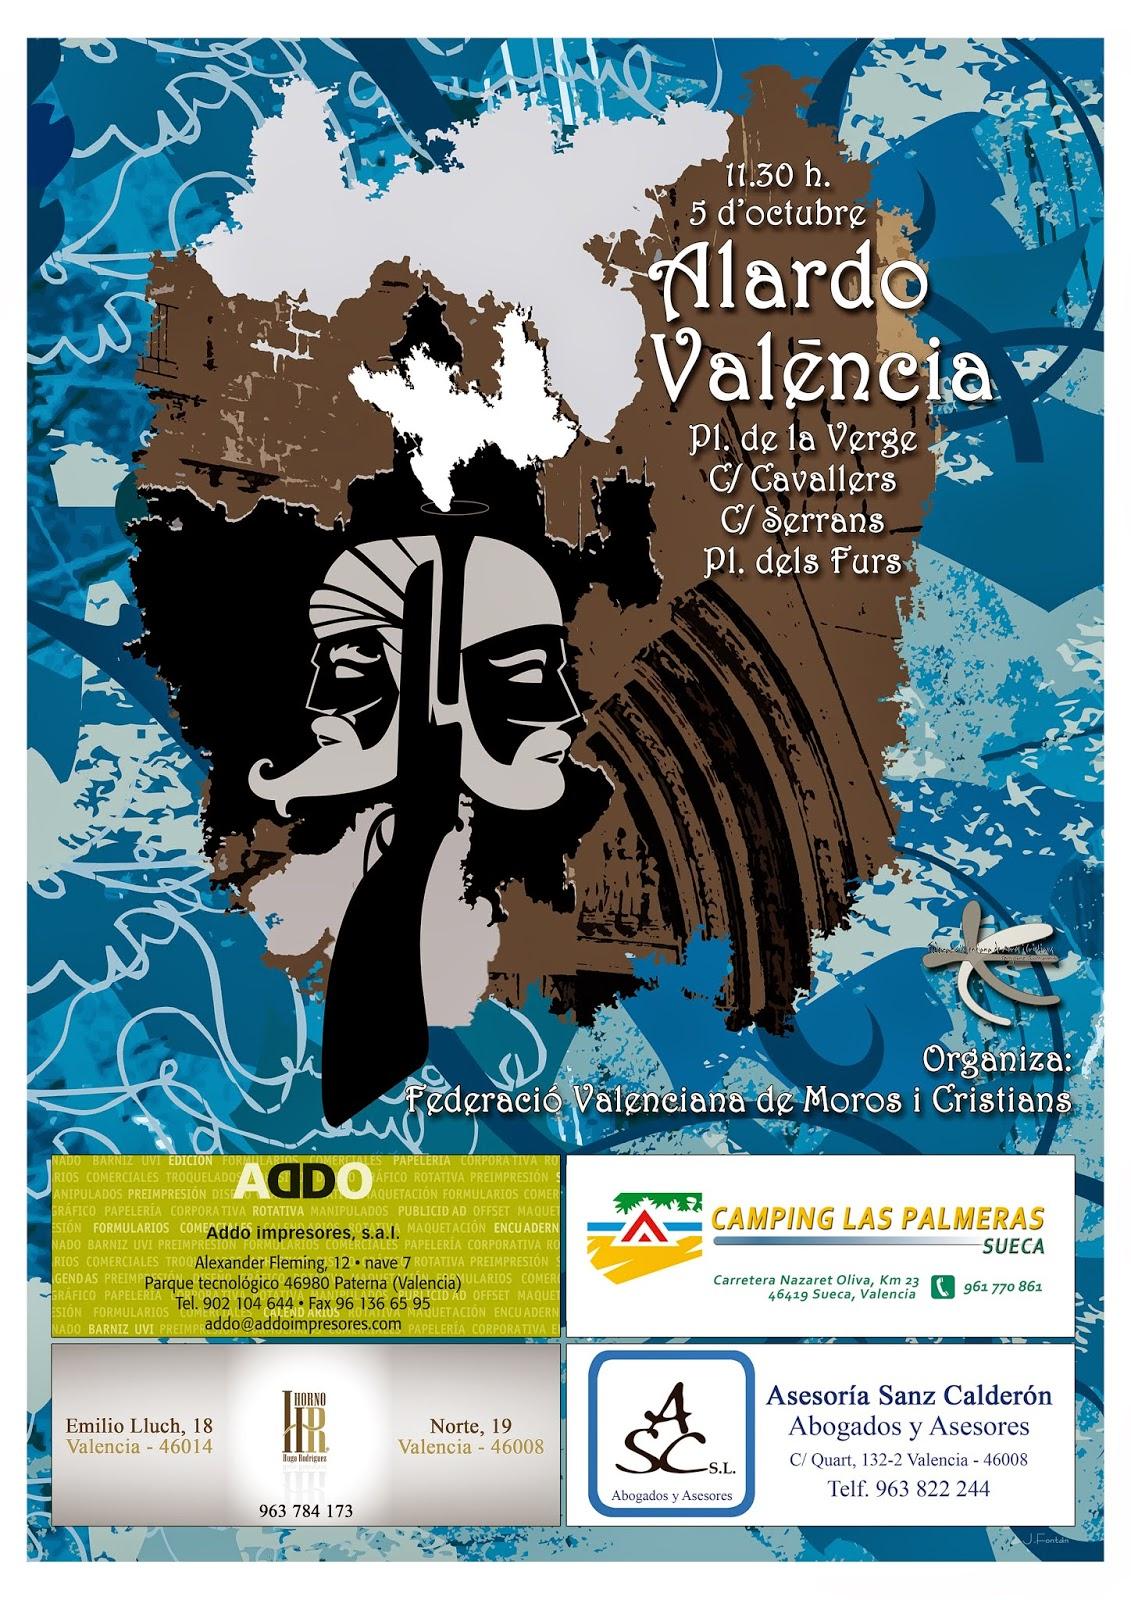 Alardo Valencia 2014